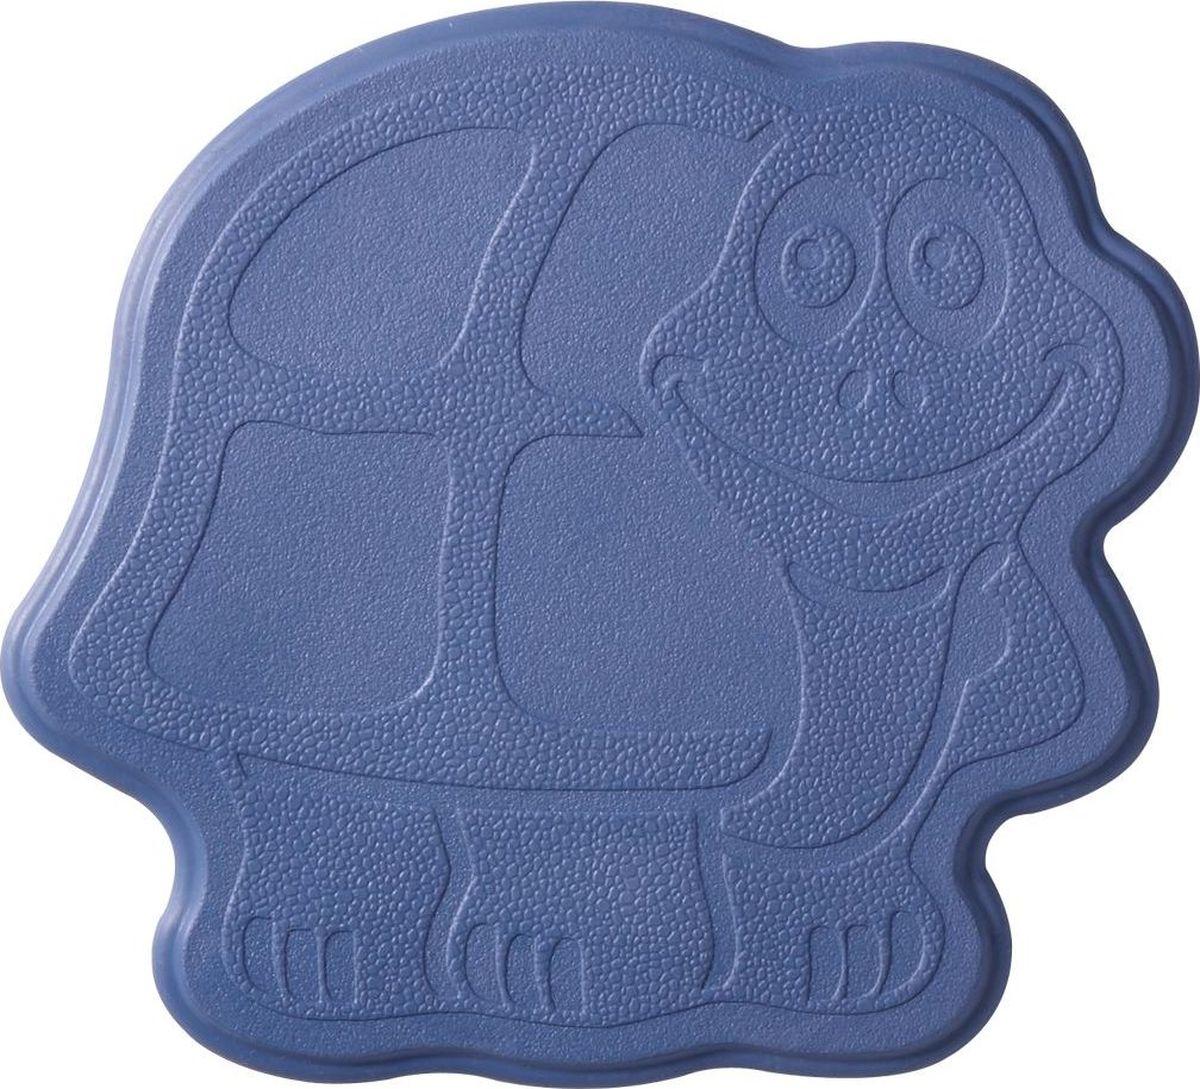 Набор ковриков для ванной Ridder Slip-Not XXS. Черепаха, на присосках, цвет: фиолетовый, 6 шт